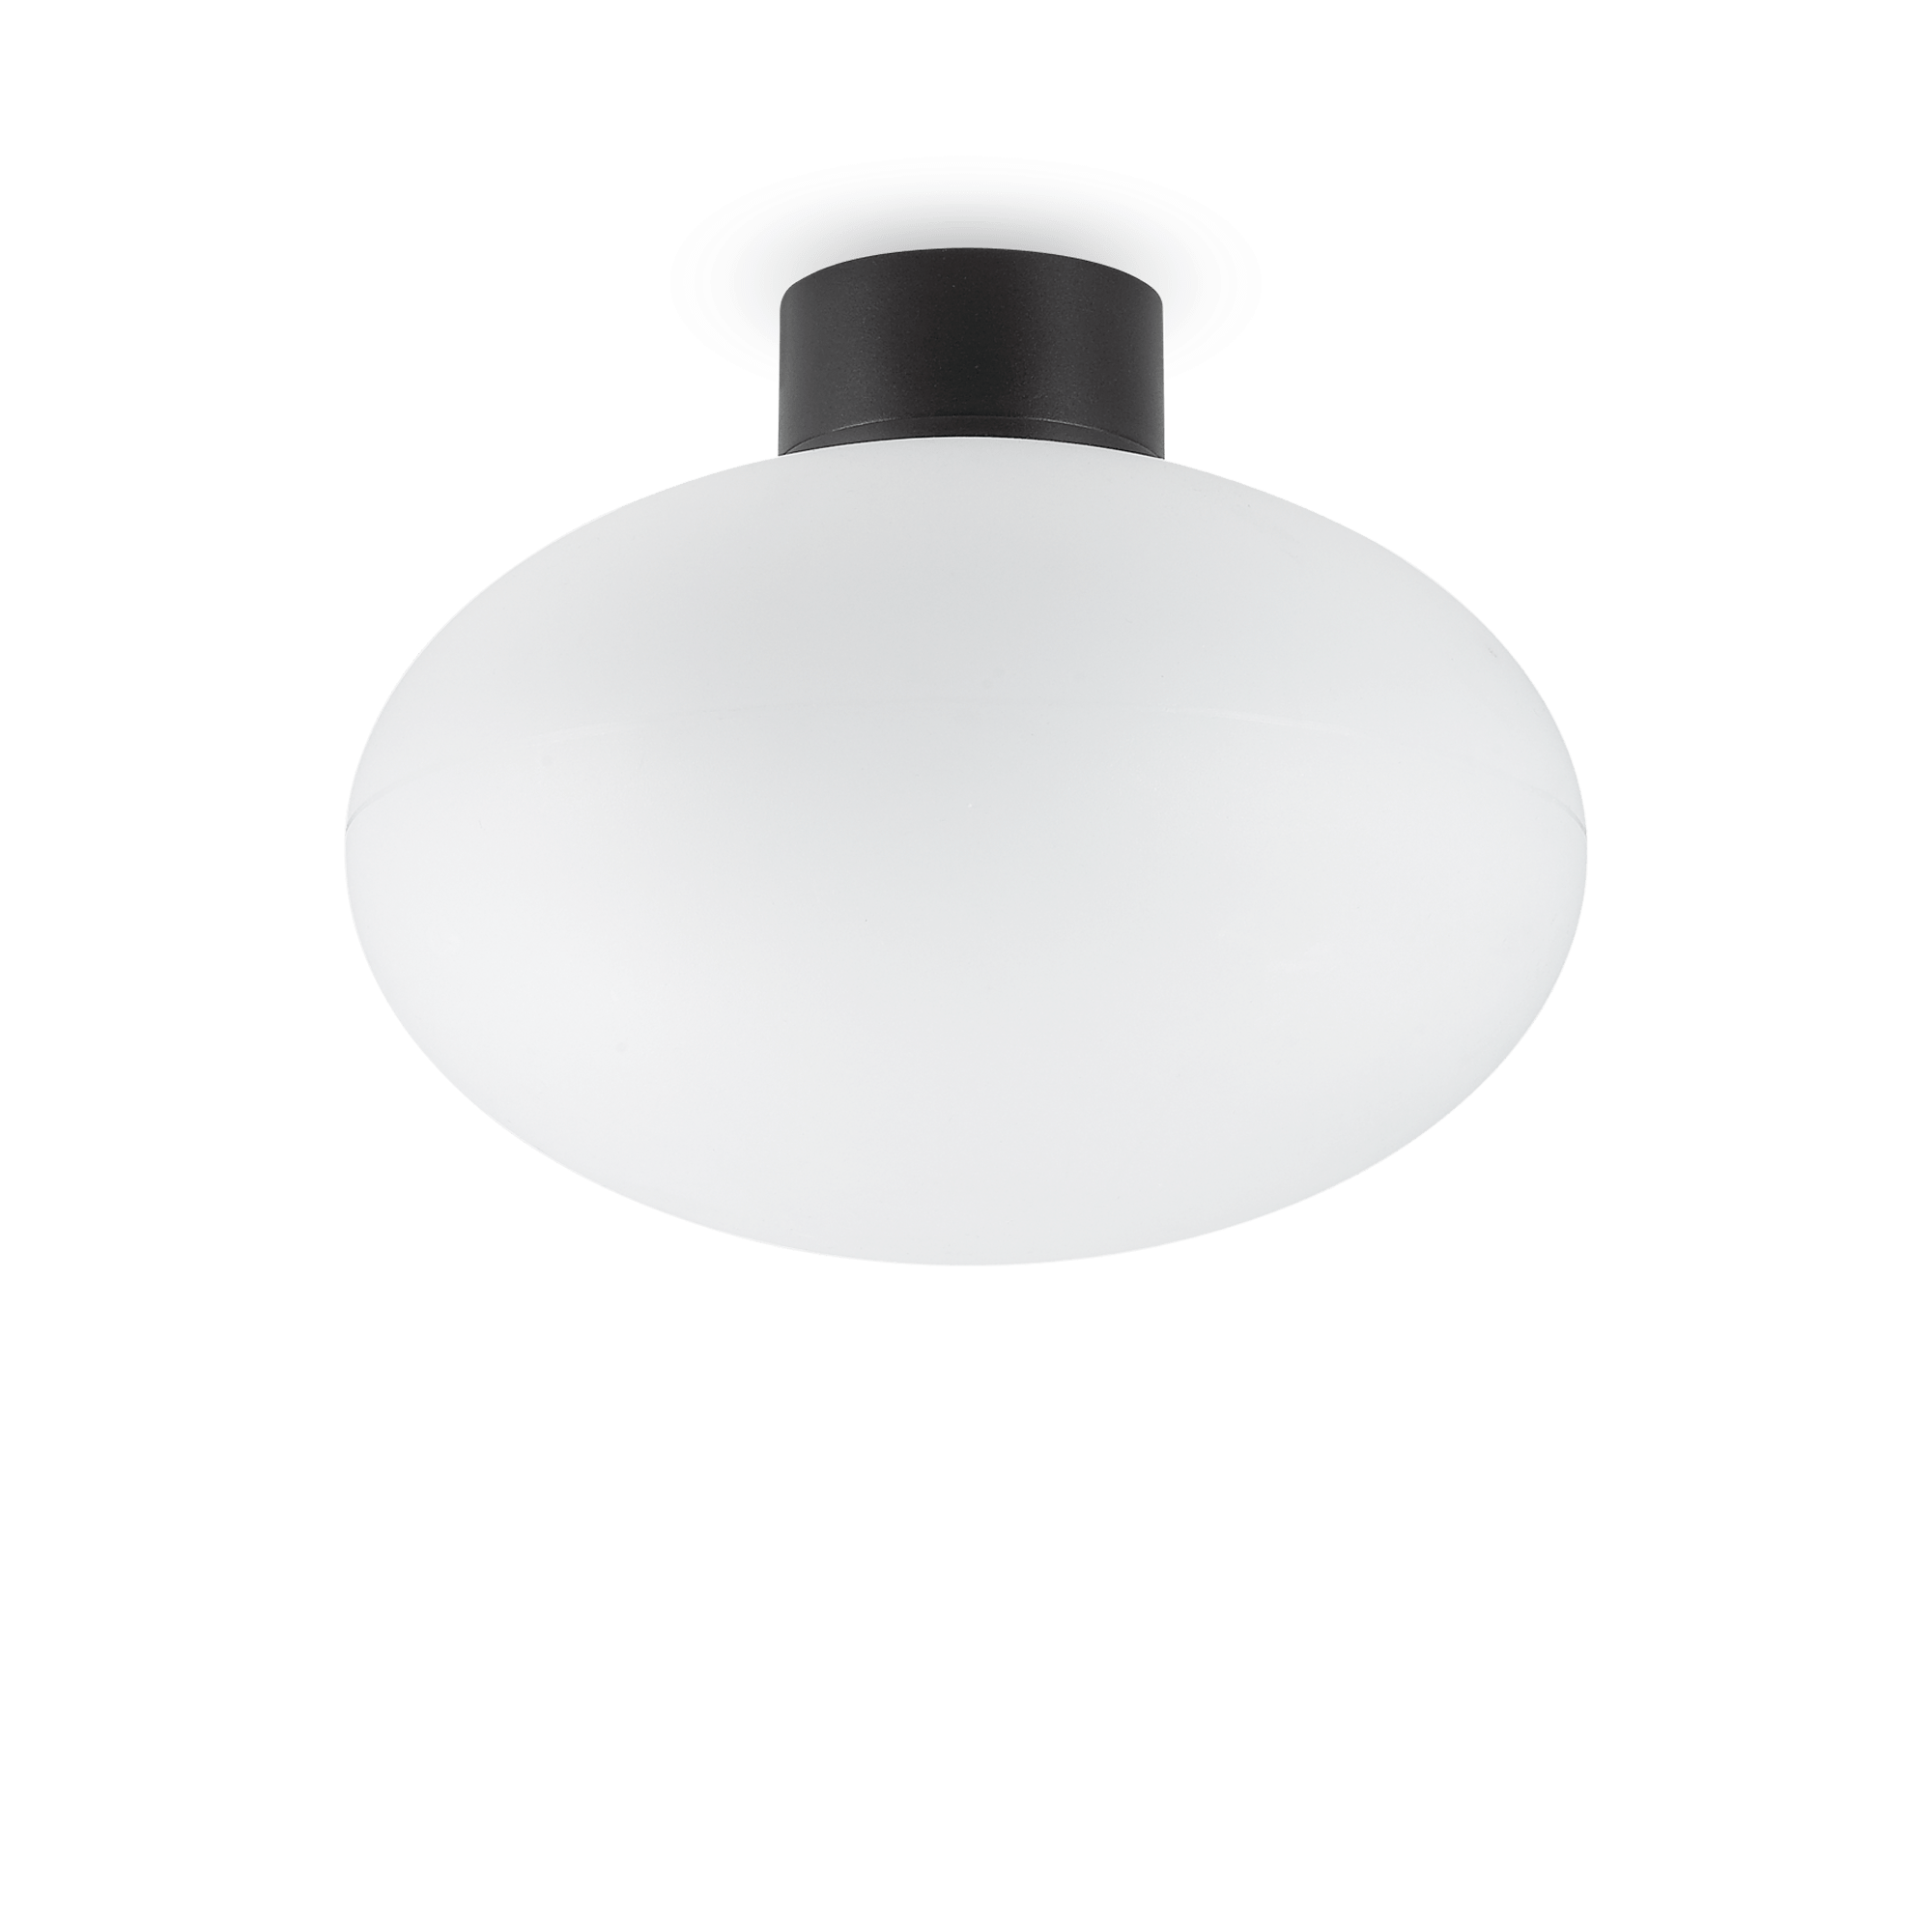 Ideal Lux 149462 ARMONY PL1 NERO kültéri mennyezeti lámpa